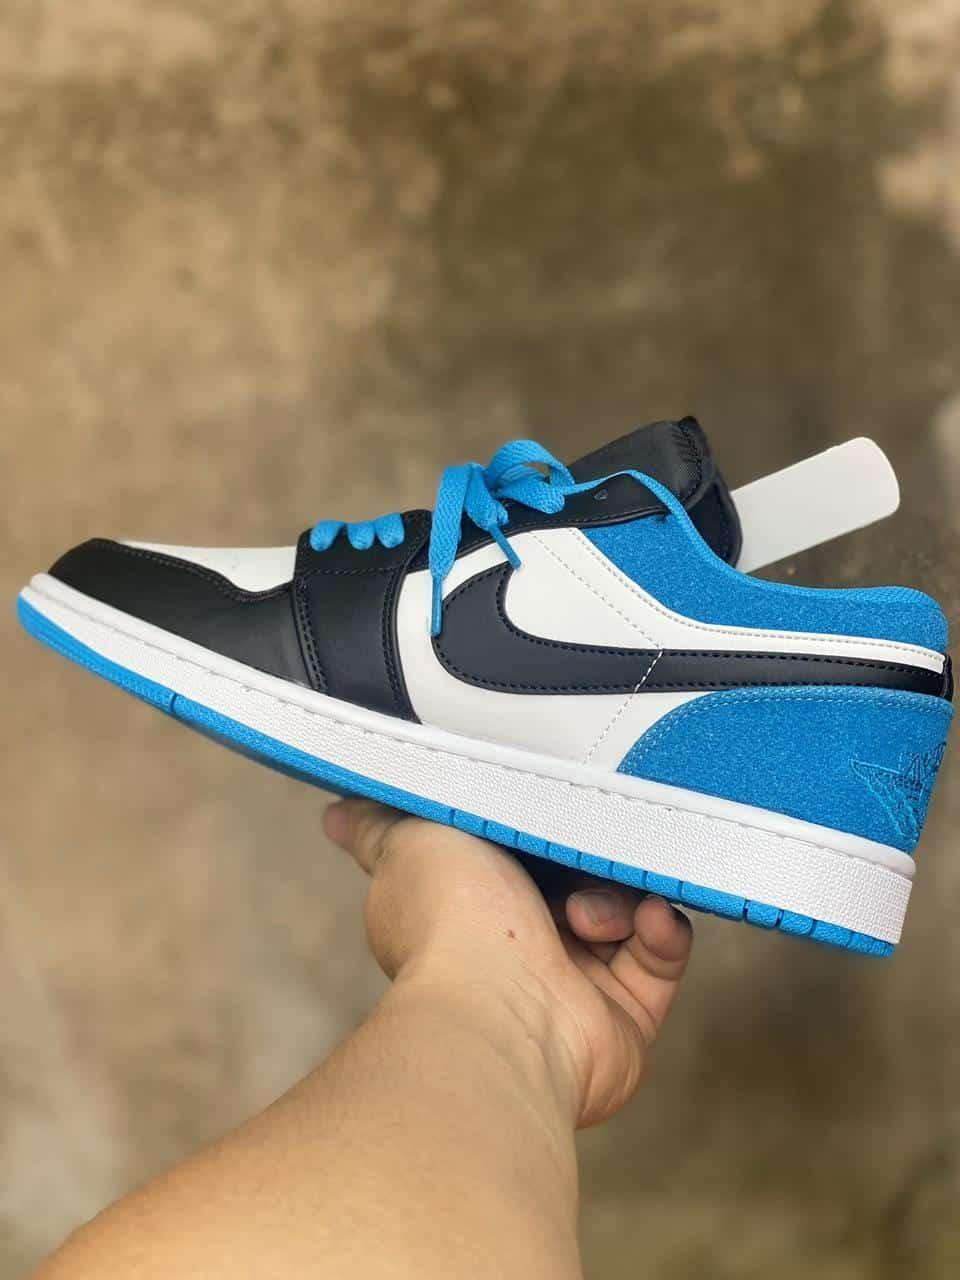 Giày jordan 1 low xanh rep 1:1